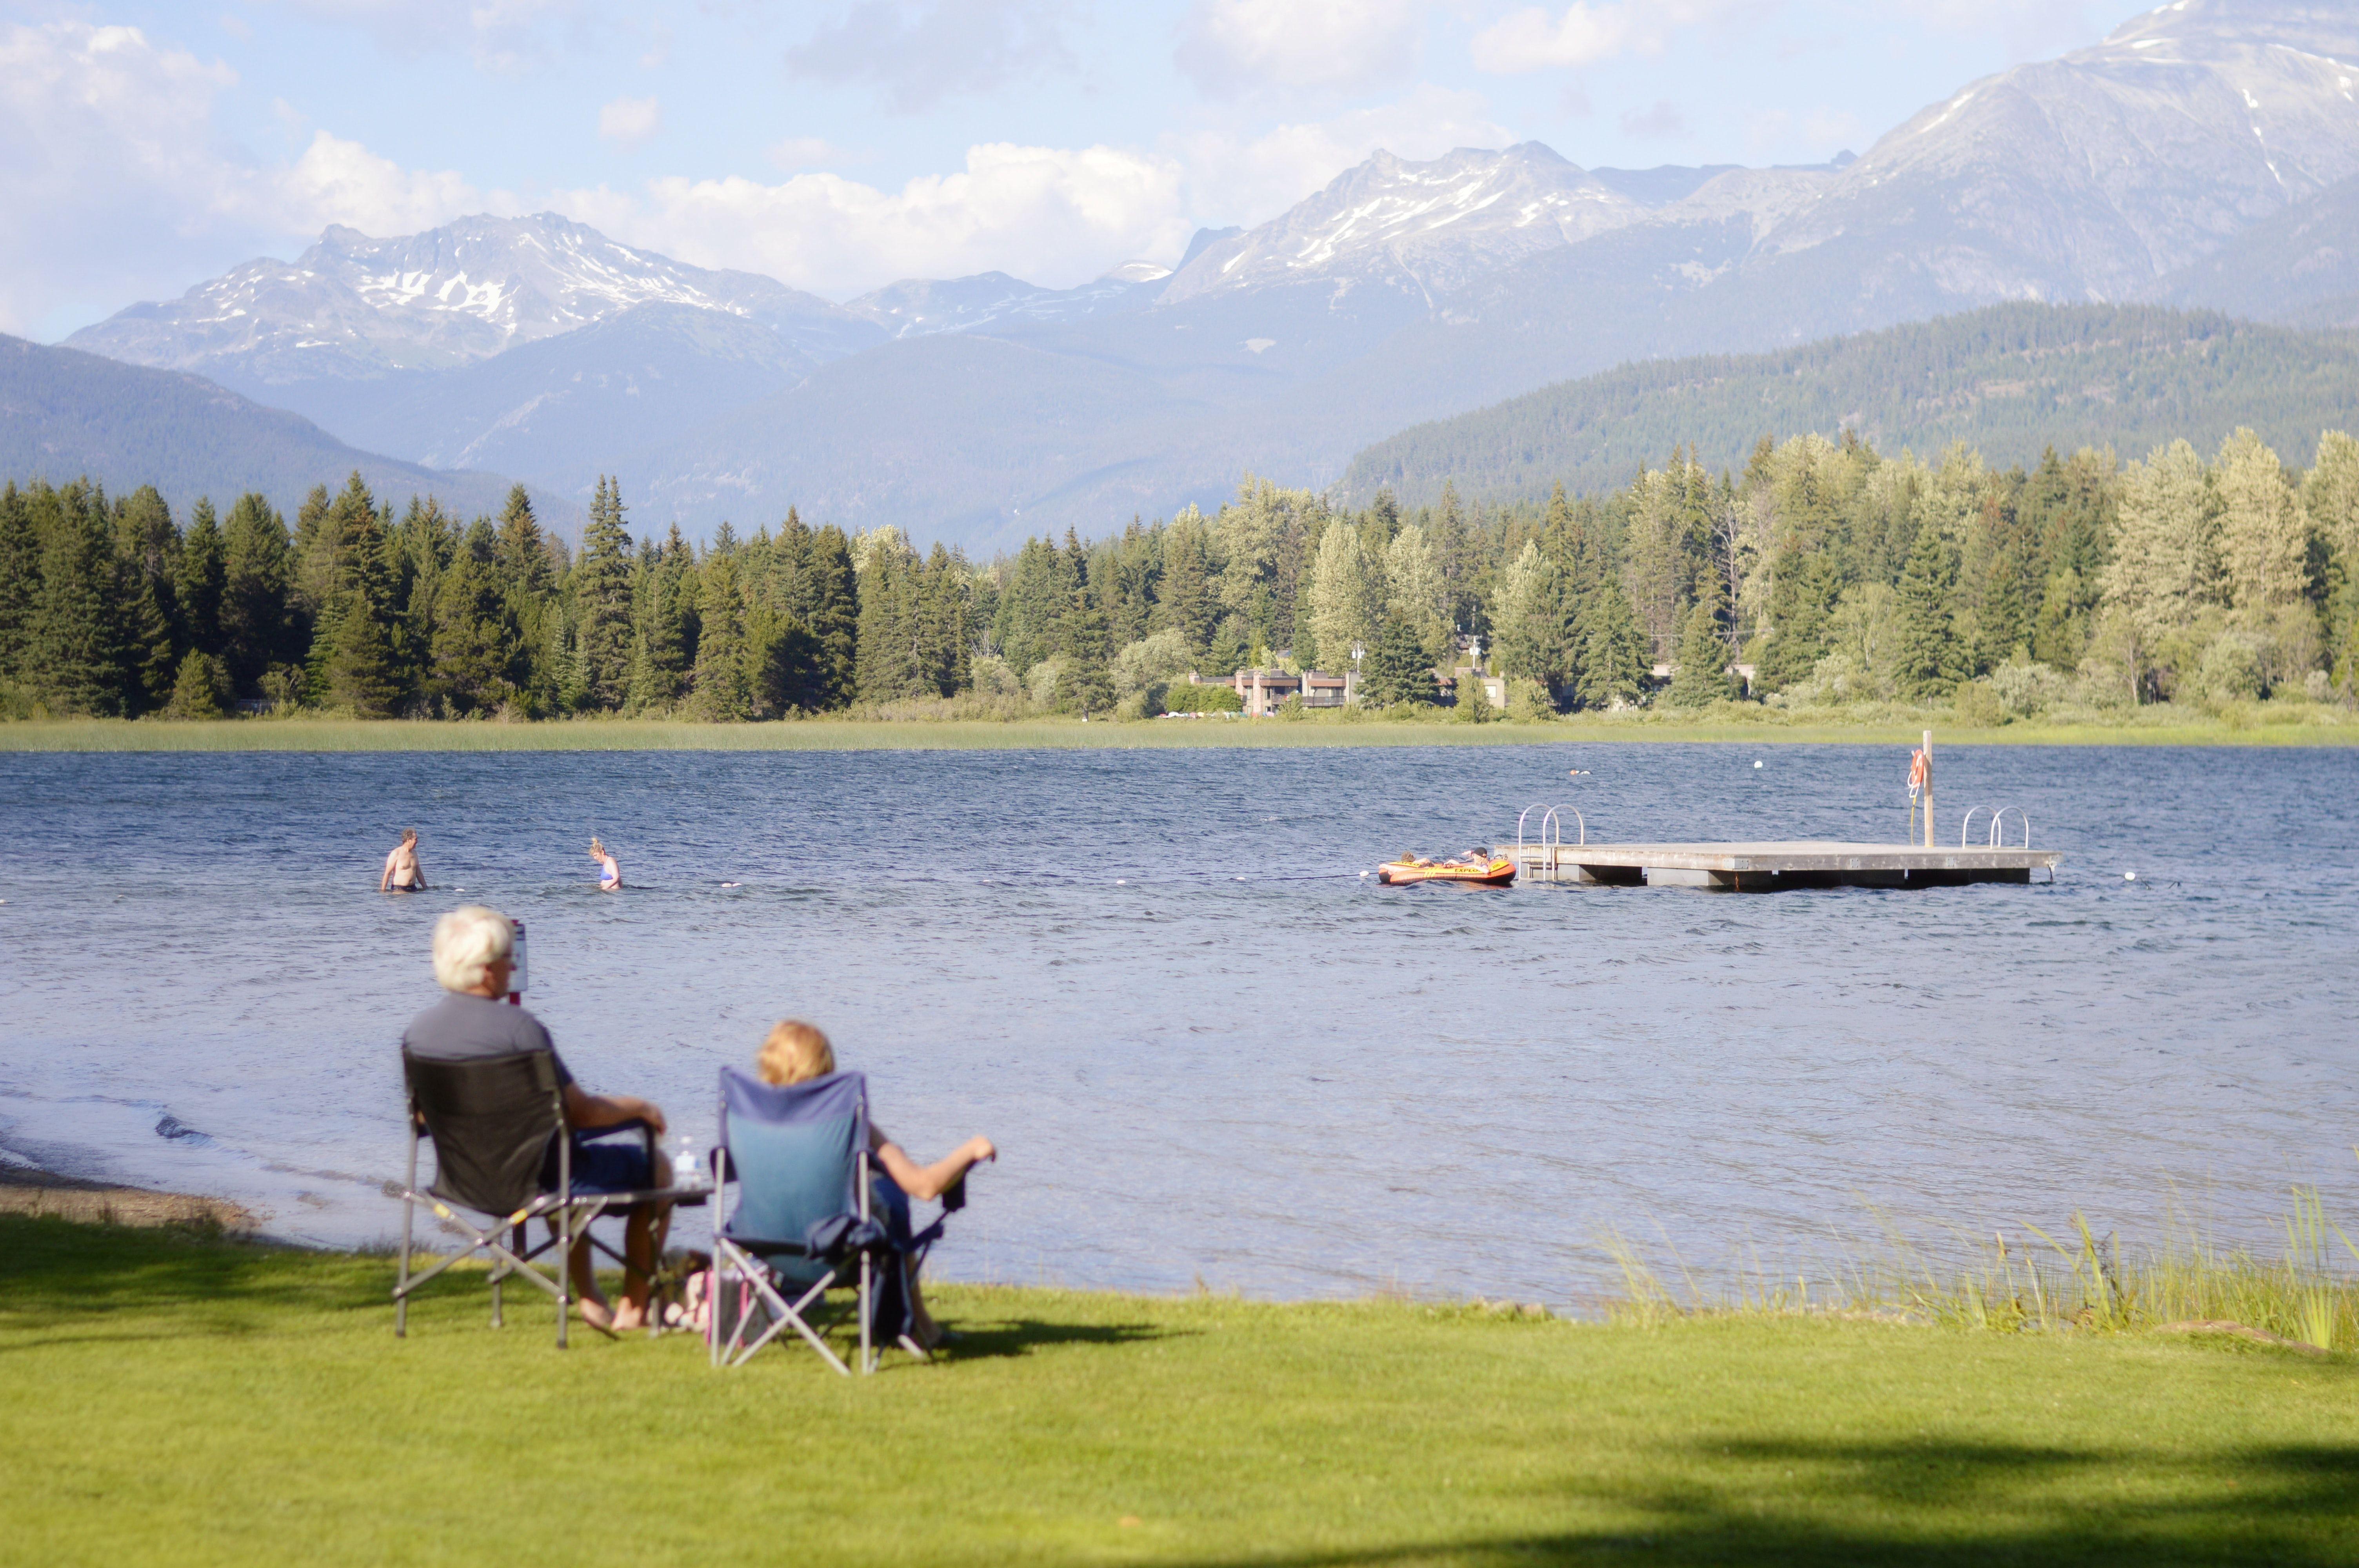 Living on retired time #lakeday #laketime #lakeliving #retirement #retiredlife #vacation #travel